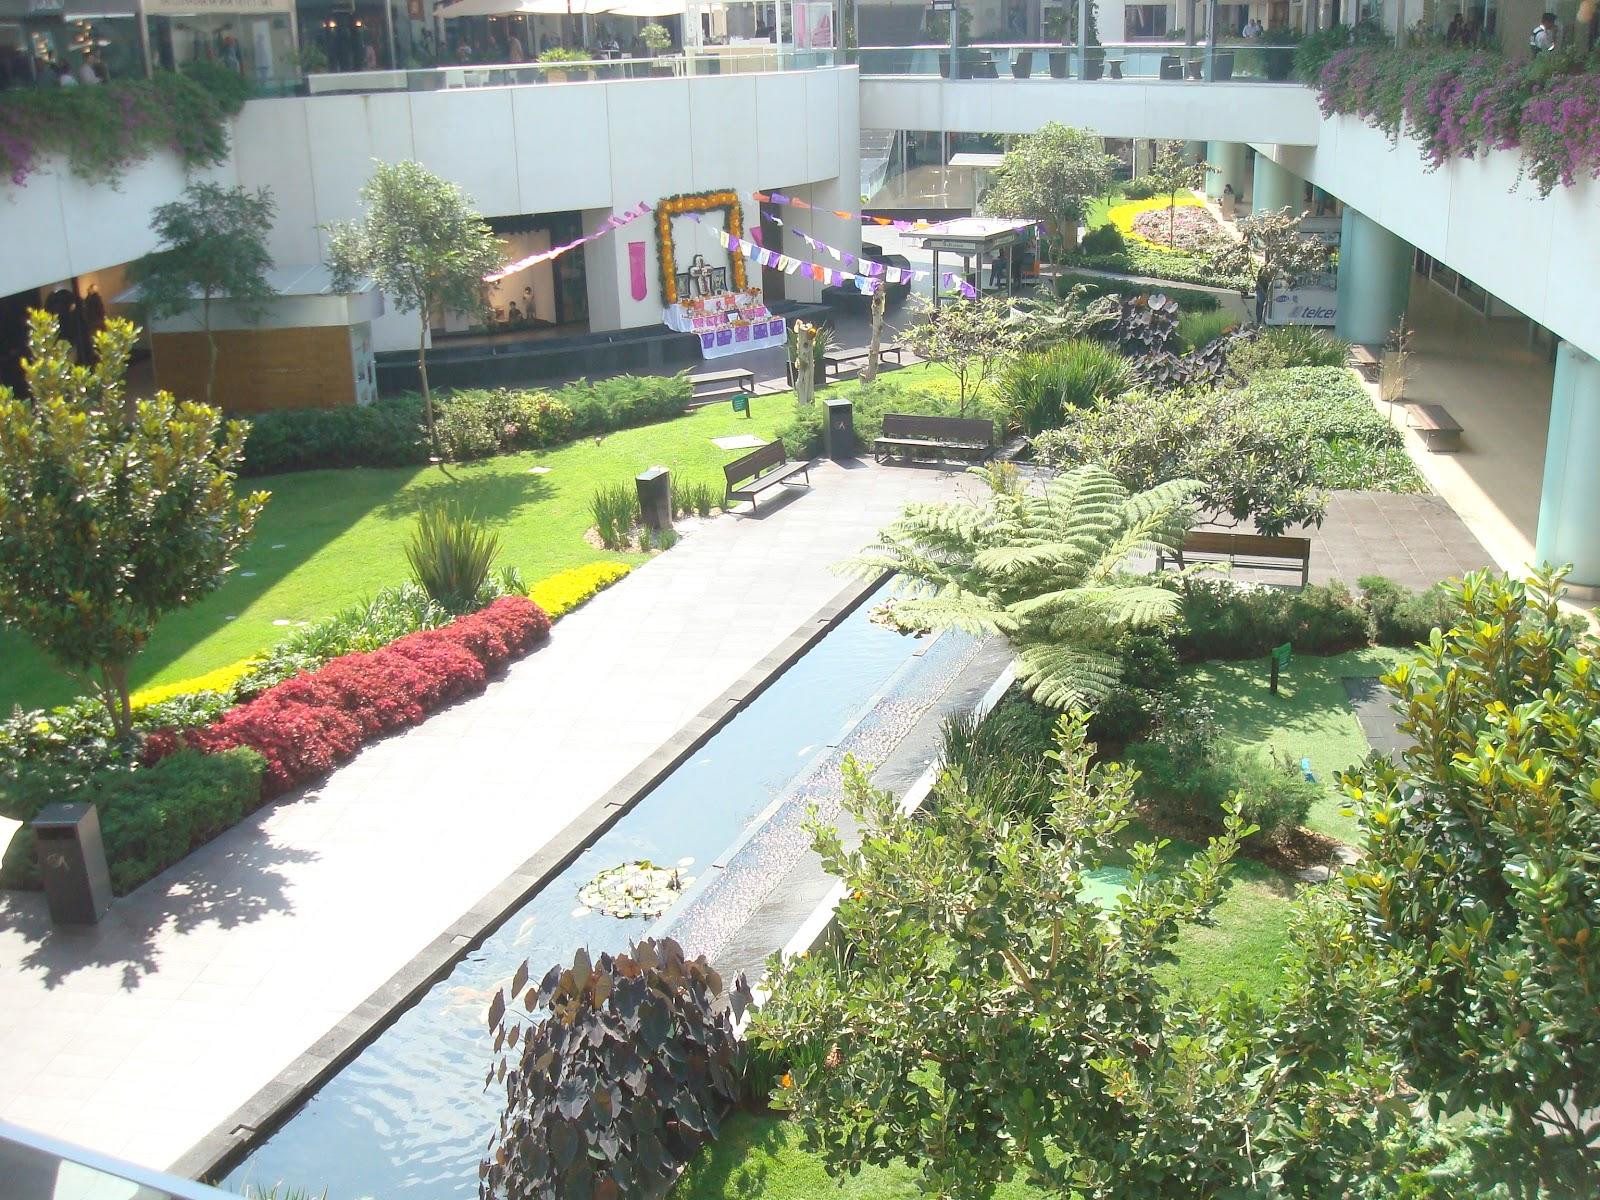 Sancarlosfortin jardines en plaza comercial andares en for Jardines de plaza